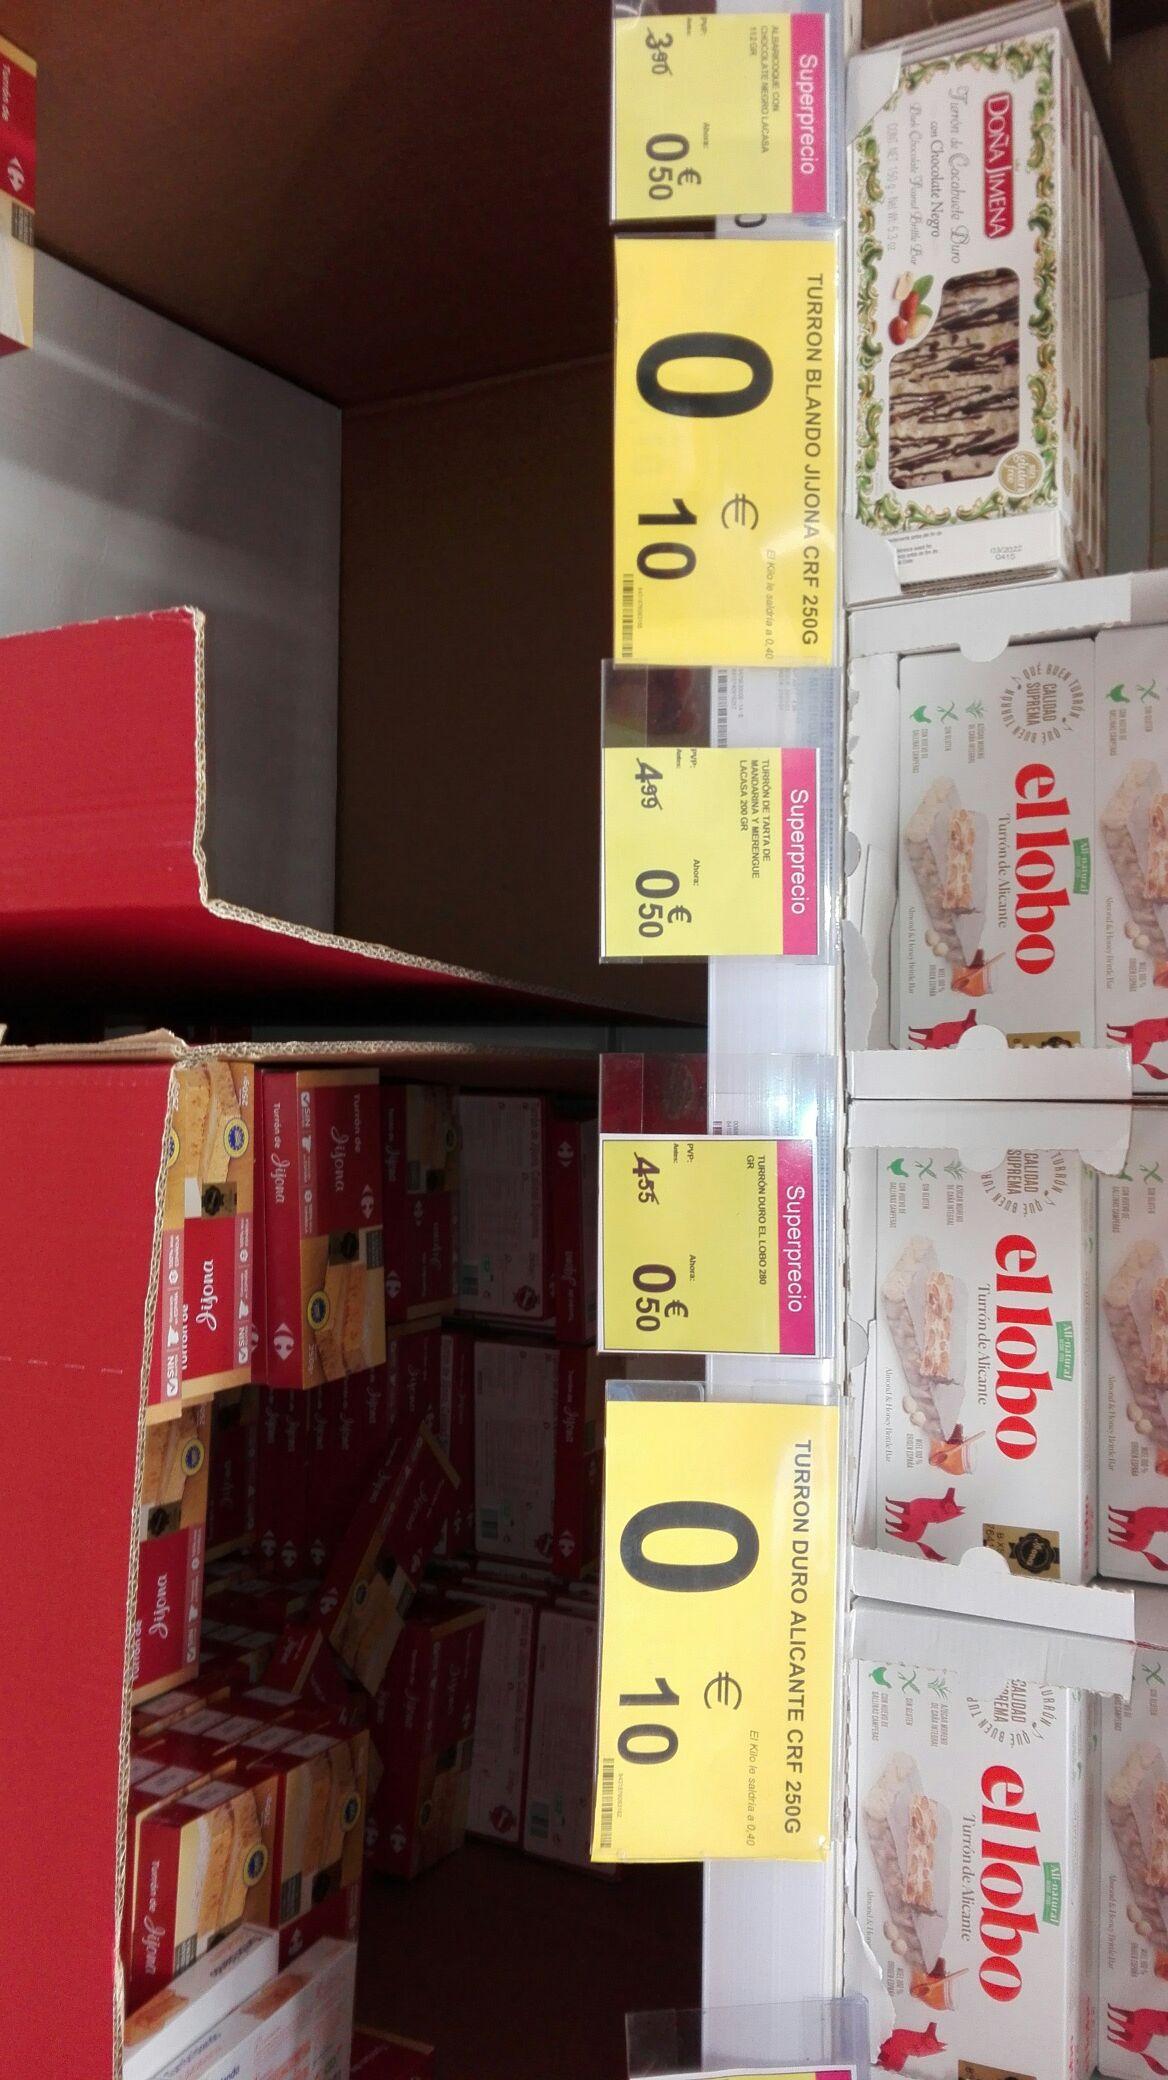 Turrones a 0.10 y 0.50 €